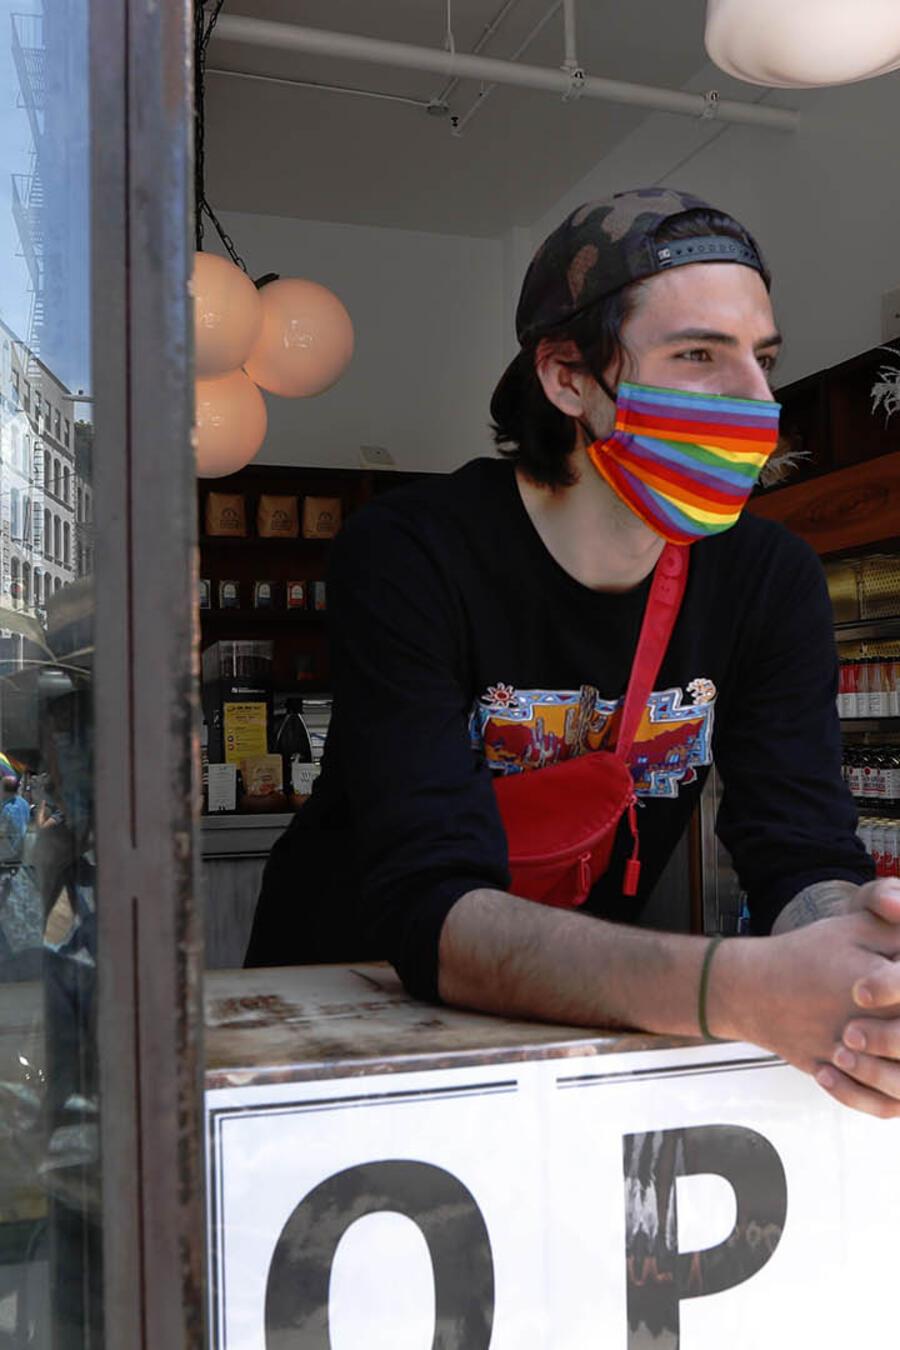 Desde una cafetería, una persona observa una marcha en Manhattan usando una mascarilla con los colores de la bandera LGBTQ.